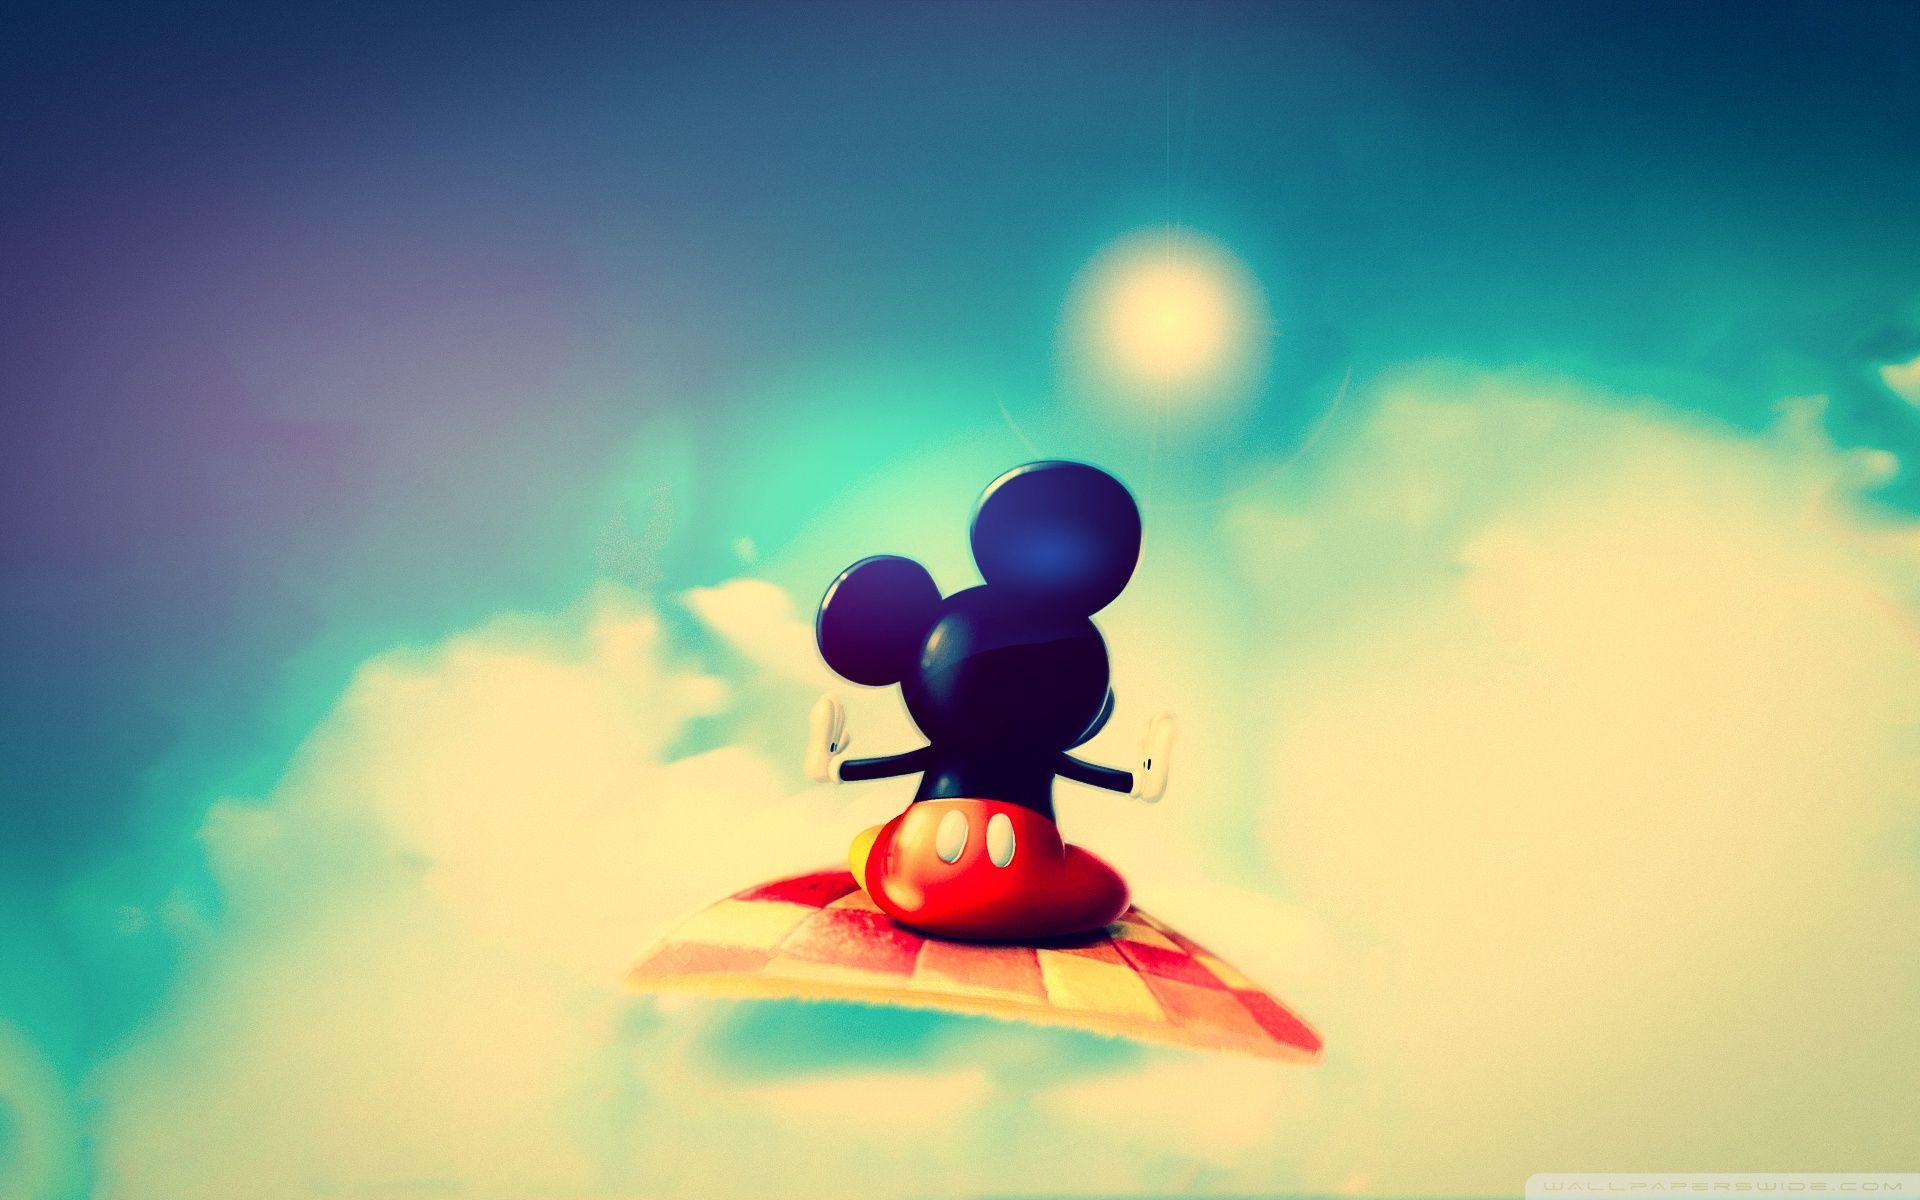 Disney Desktop Wallpapers Top Free Disney Desktop